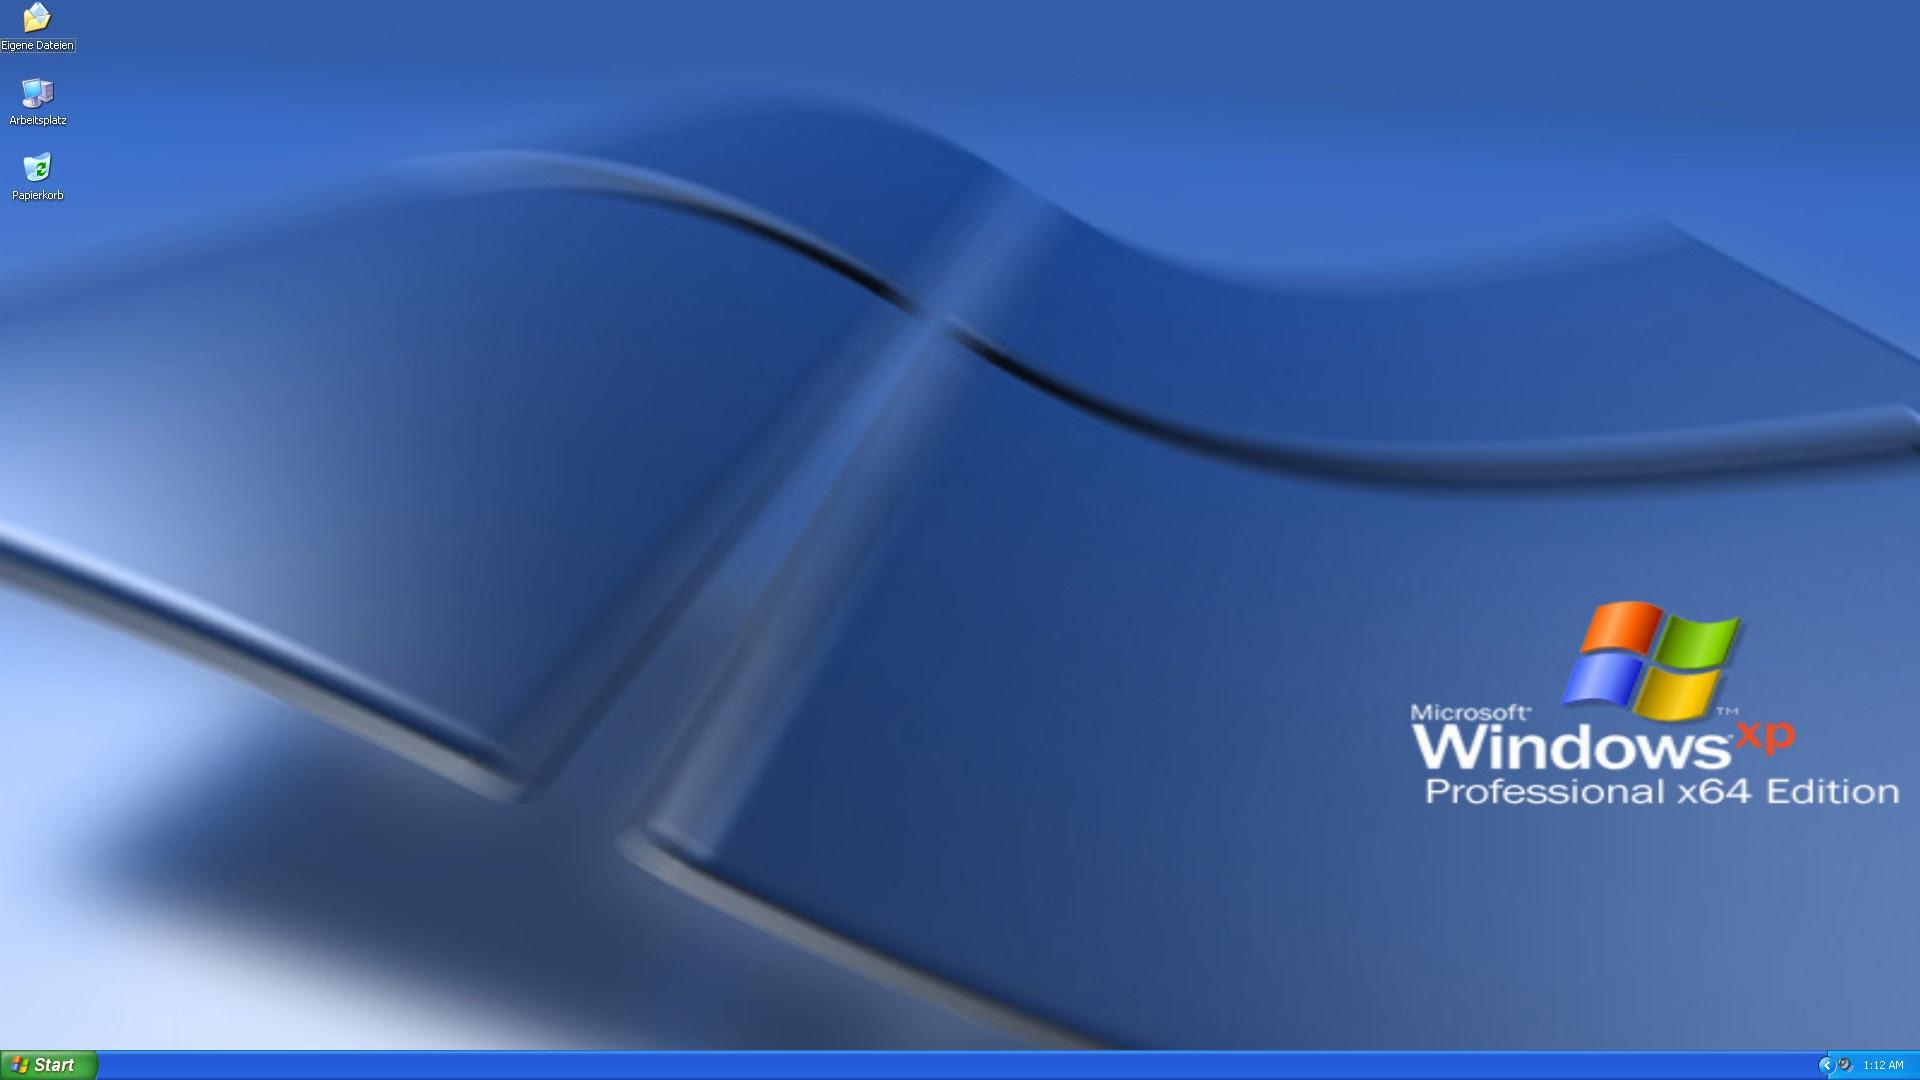 Windows Desktop Images Windows Xp Desktop Images